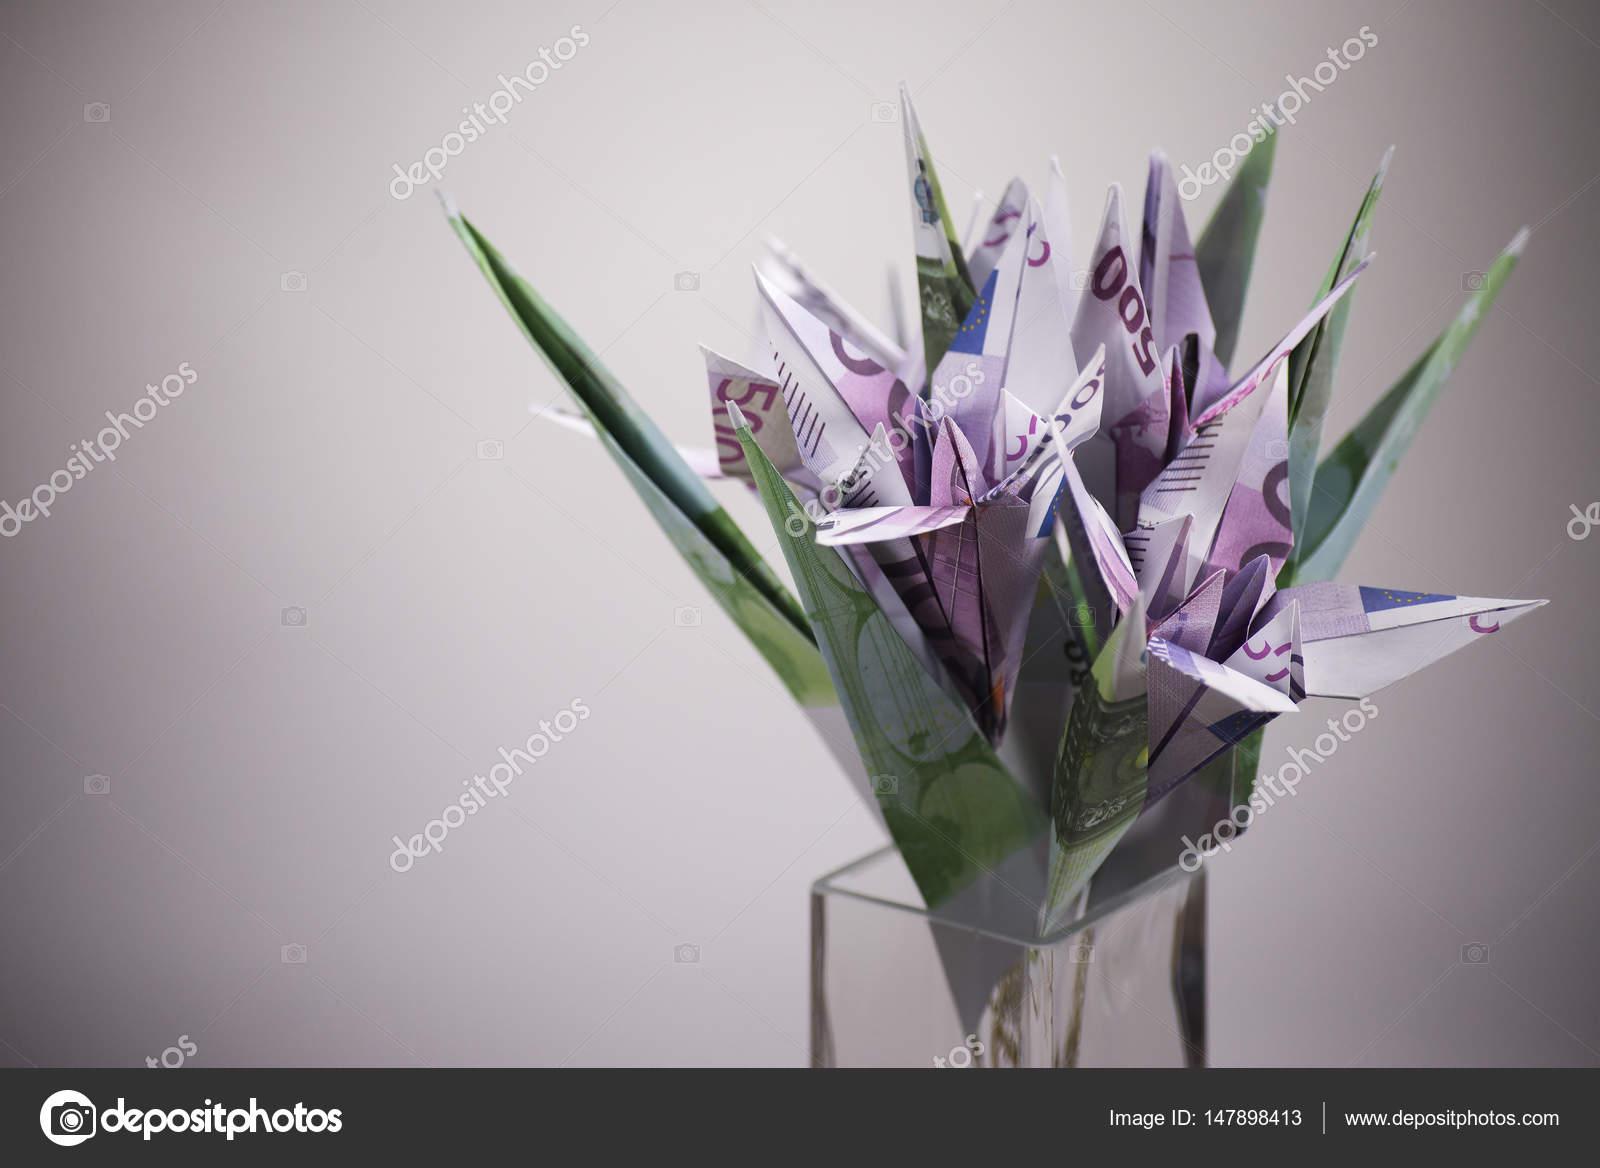 Mazzo Di Fiori Origami.Flowers Origami Banknotes Stock Photo C Artbutenkov 147898413